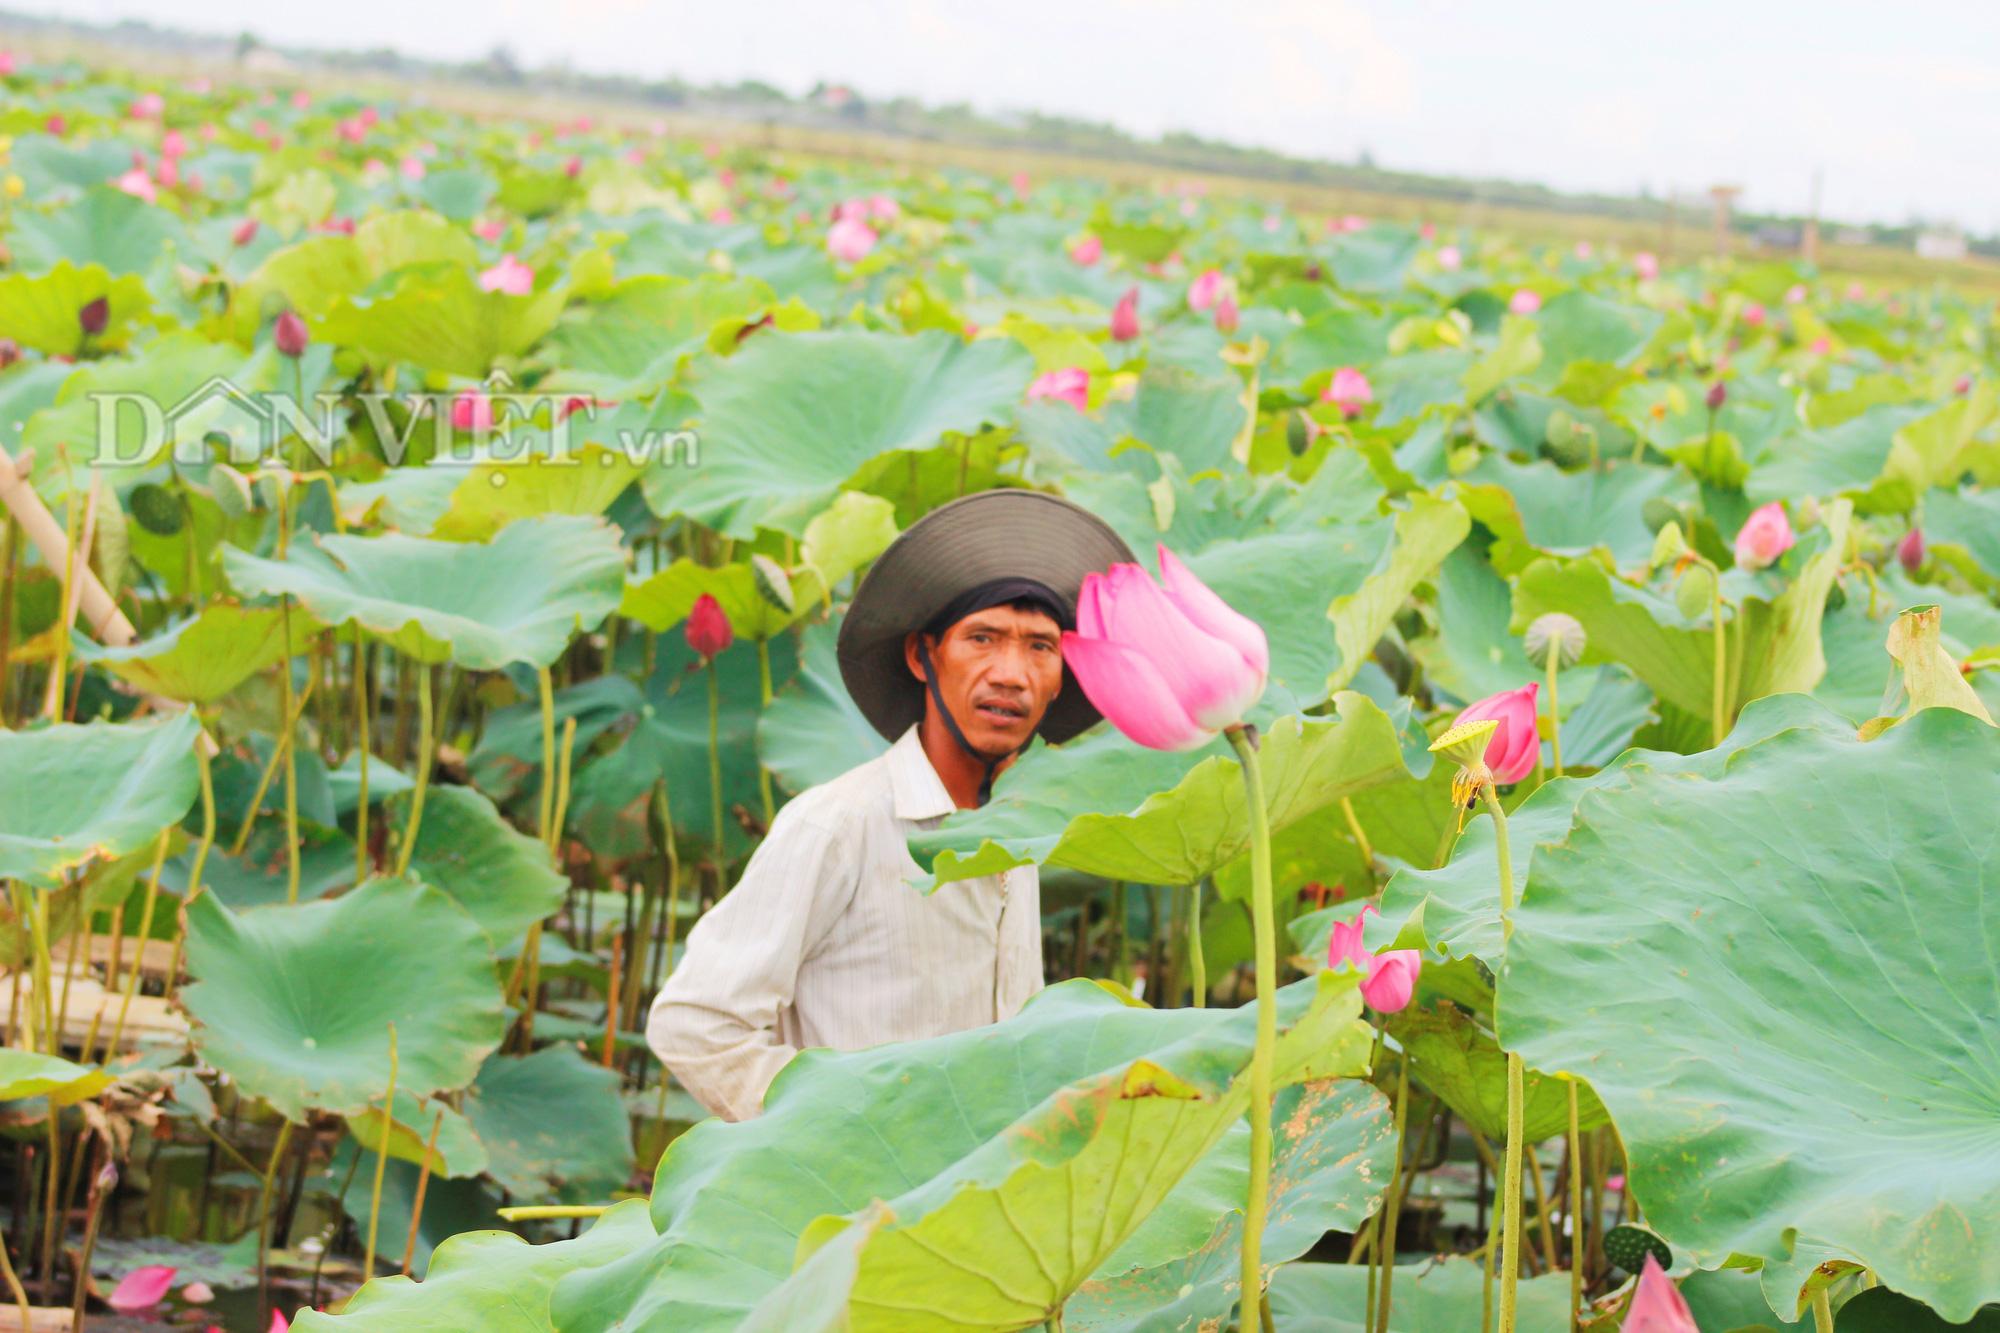 Anh Đỗ Quang Bổng hằng ngày lội xuống đầm sen để chăm sóc cho cây và nuôi cá. Ảnh: PV